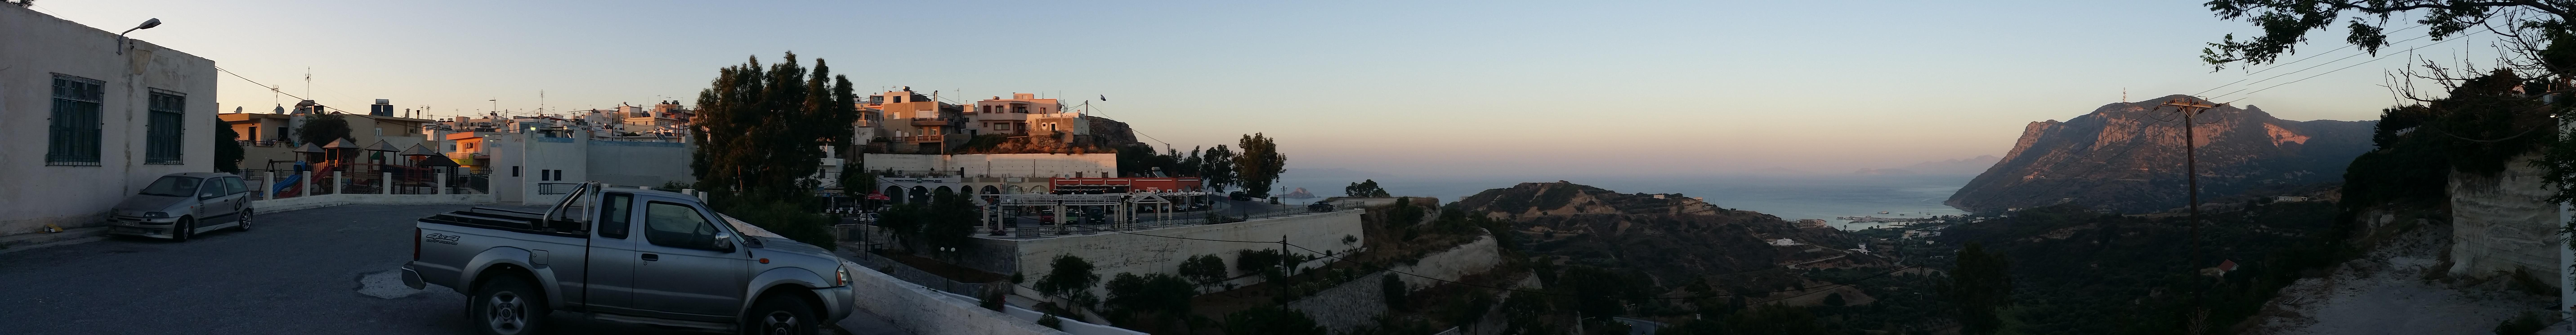 Wyspa Kos w Grecji-1